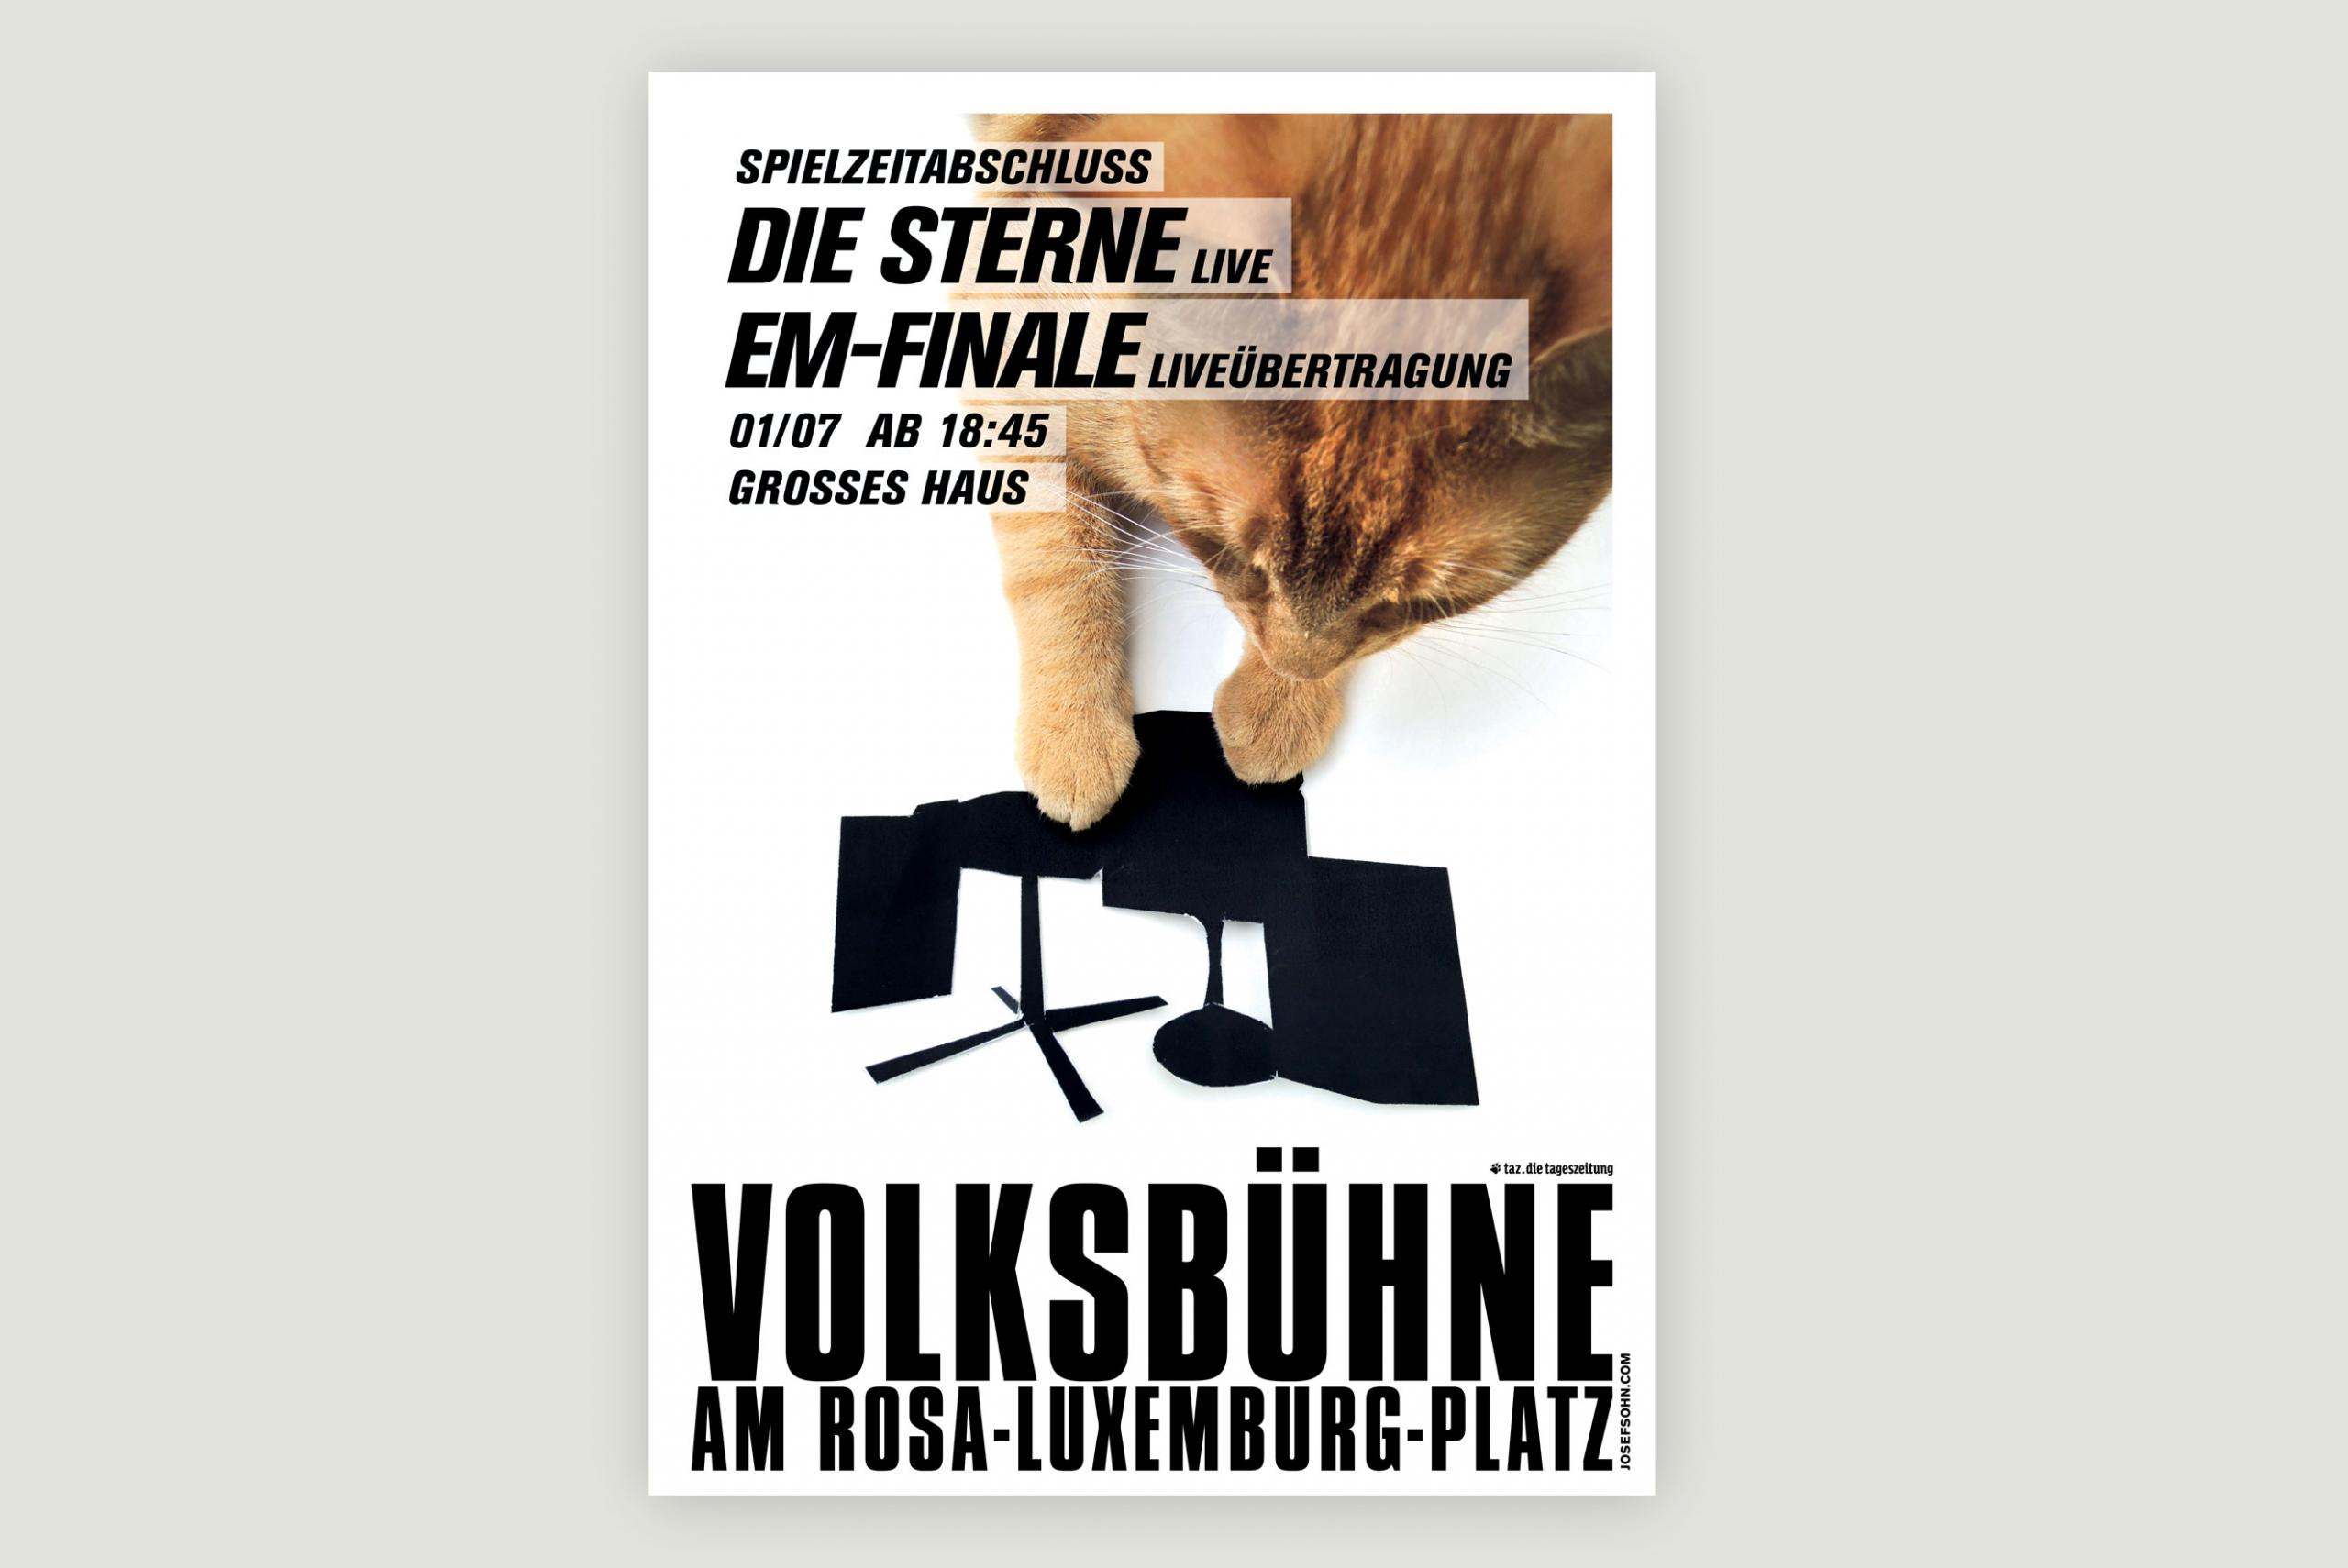 Ziemlich Wollte Poster Photoshop Vorlage Ideen - Beispiel ...